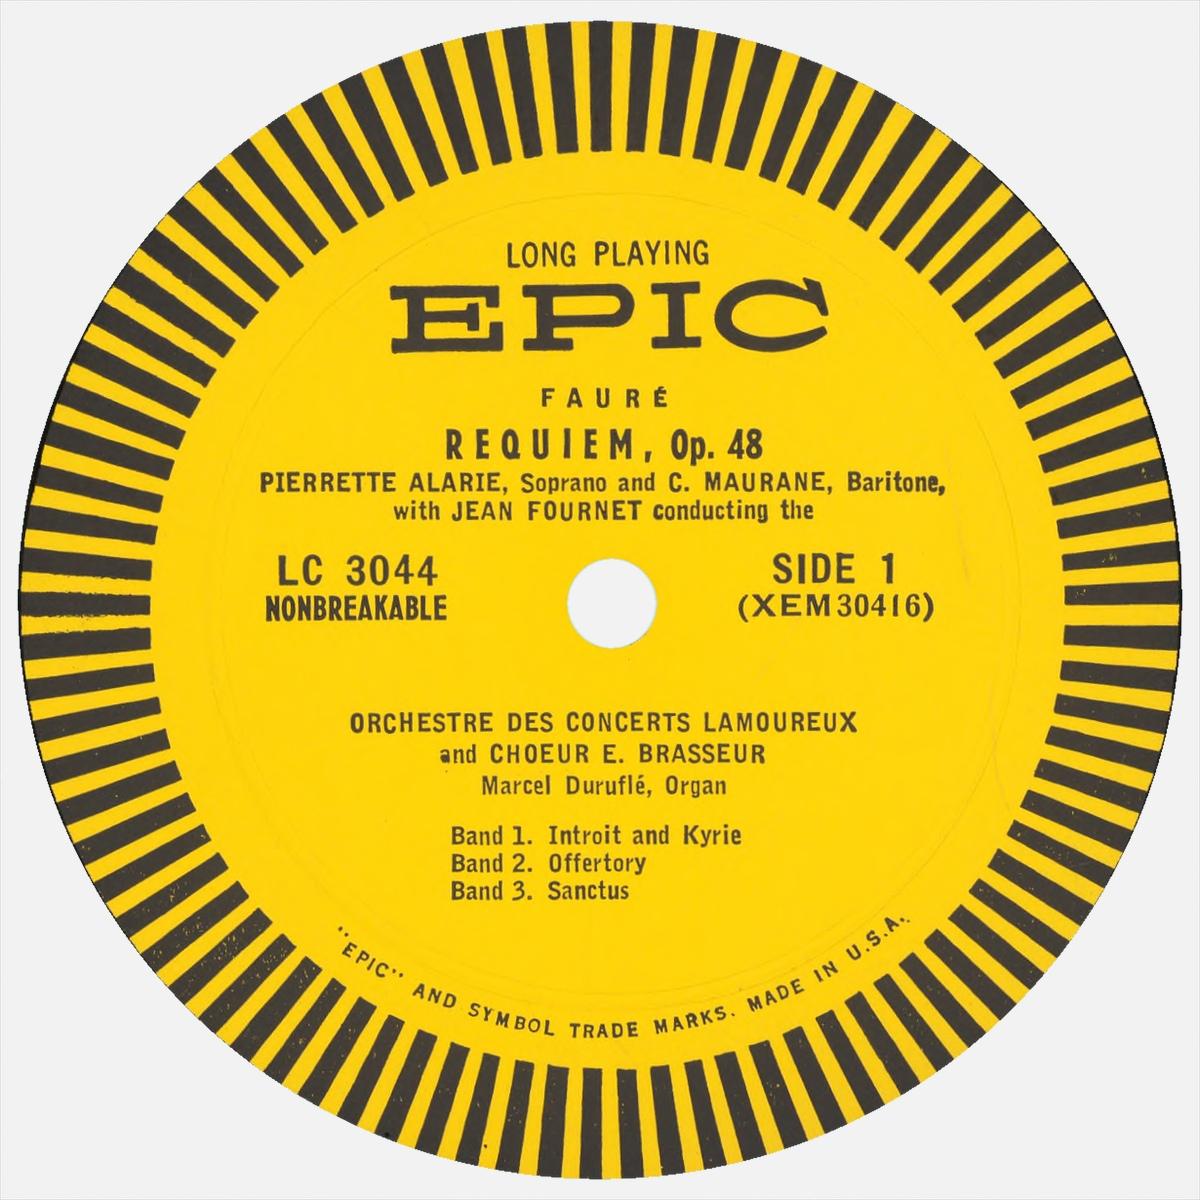 Étiquette recto du disque EPIC LC 3044